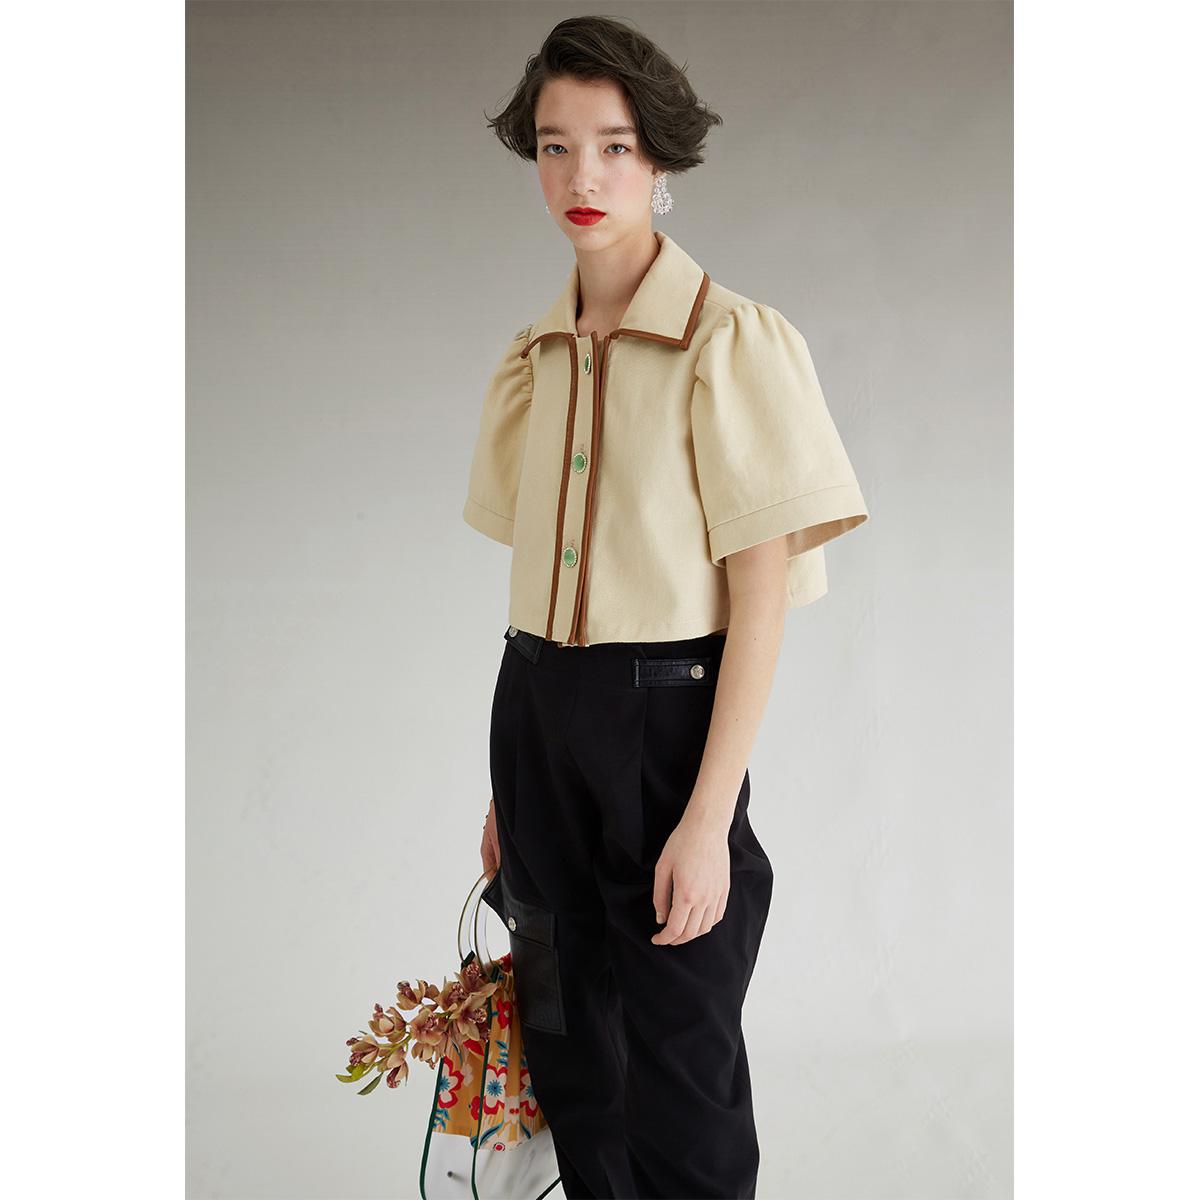 FUSSED 18SS原创独立设计师品牌 米白拼皮泡泡袖叛逃公主短款衬衣